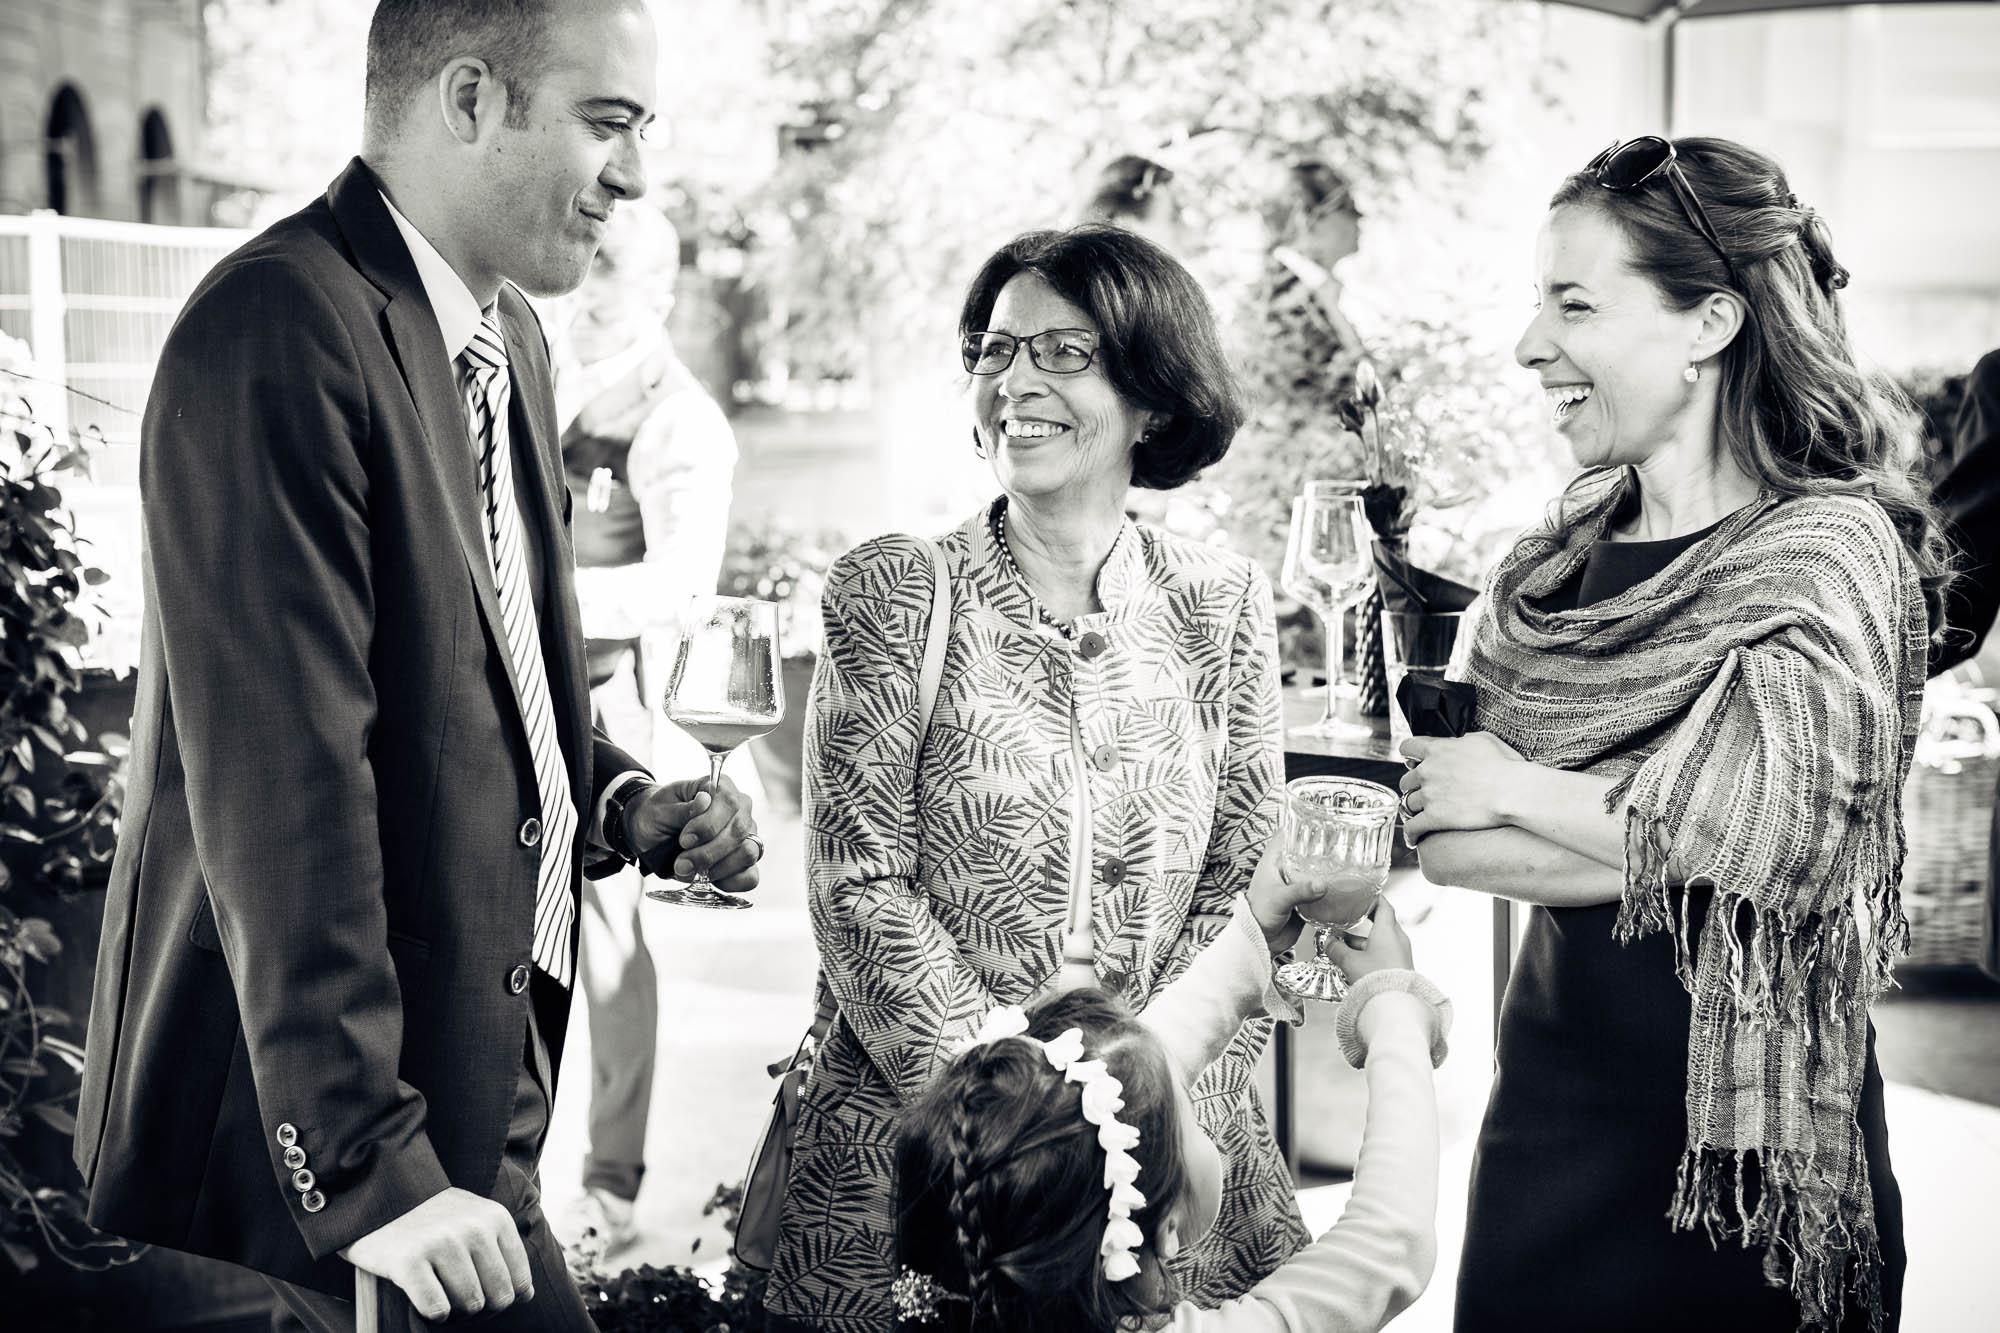 Gäste lachen und amüsieren sich